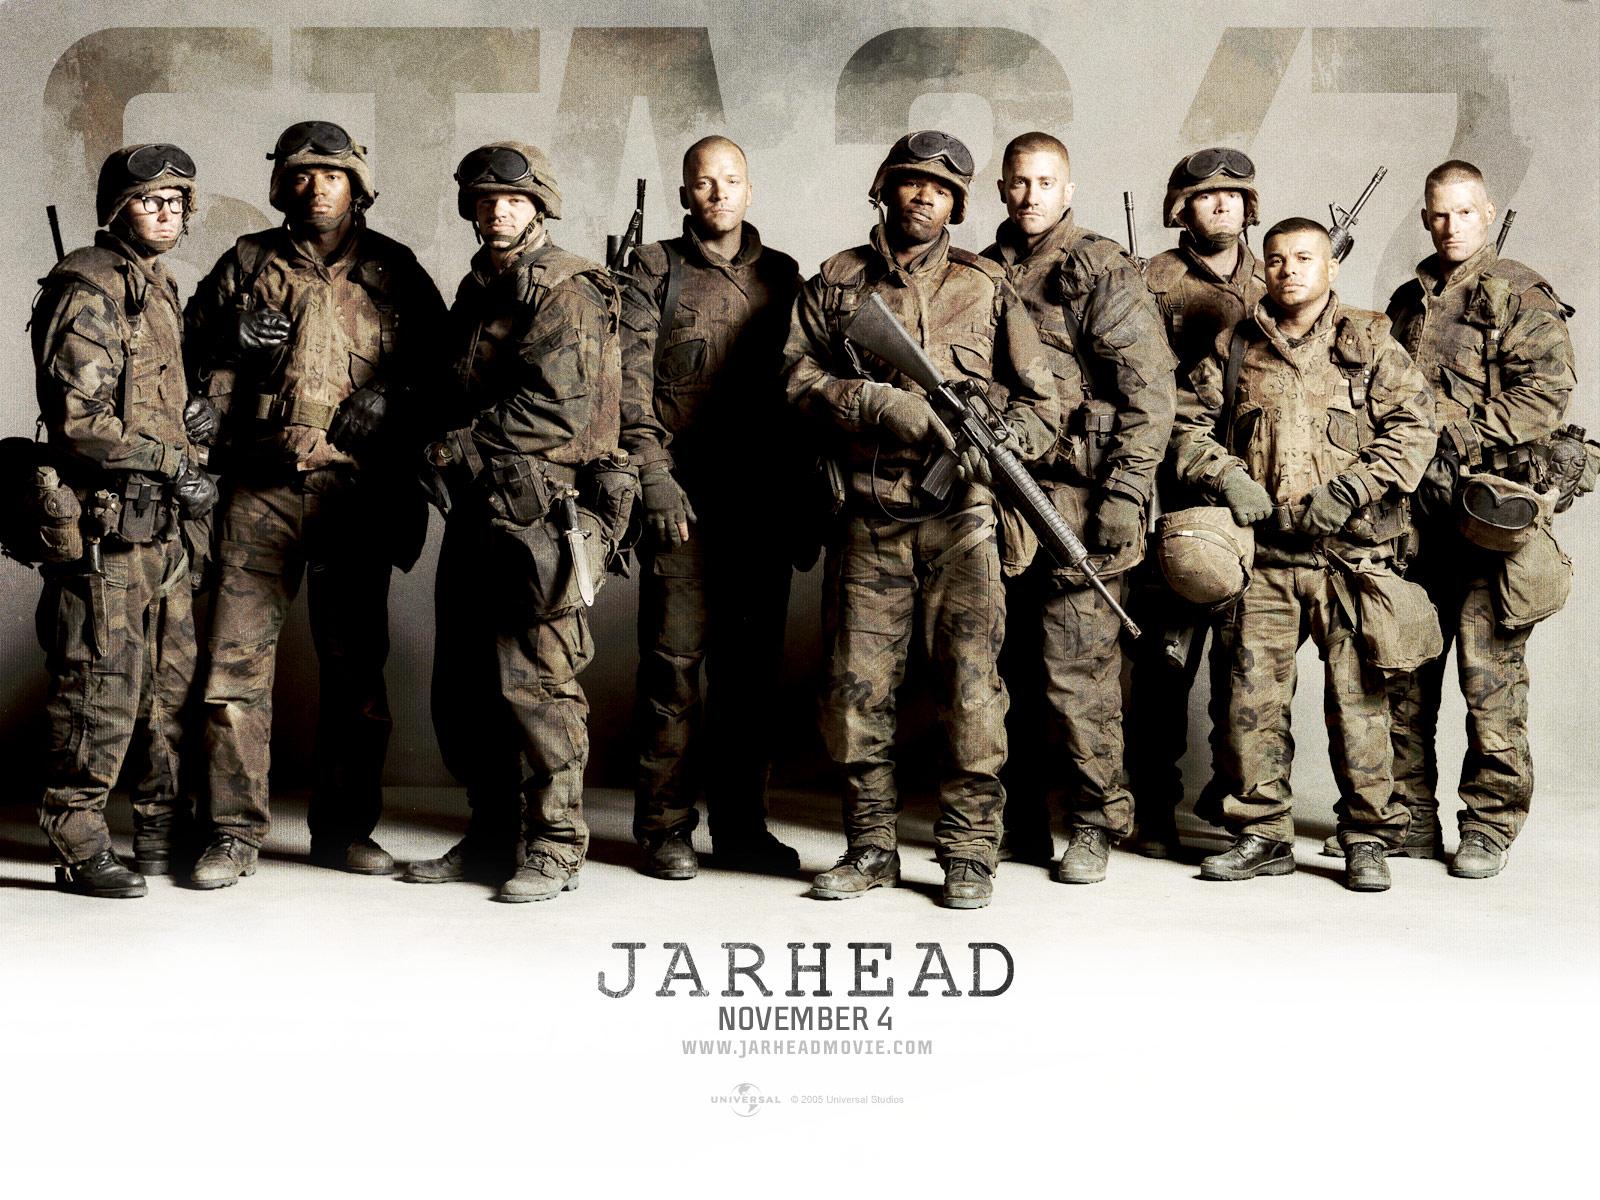 обои для рабочего стола, американские солдаты, JARHEAD, american US soldier wallpaper